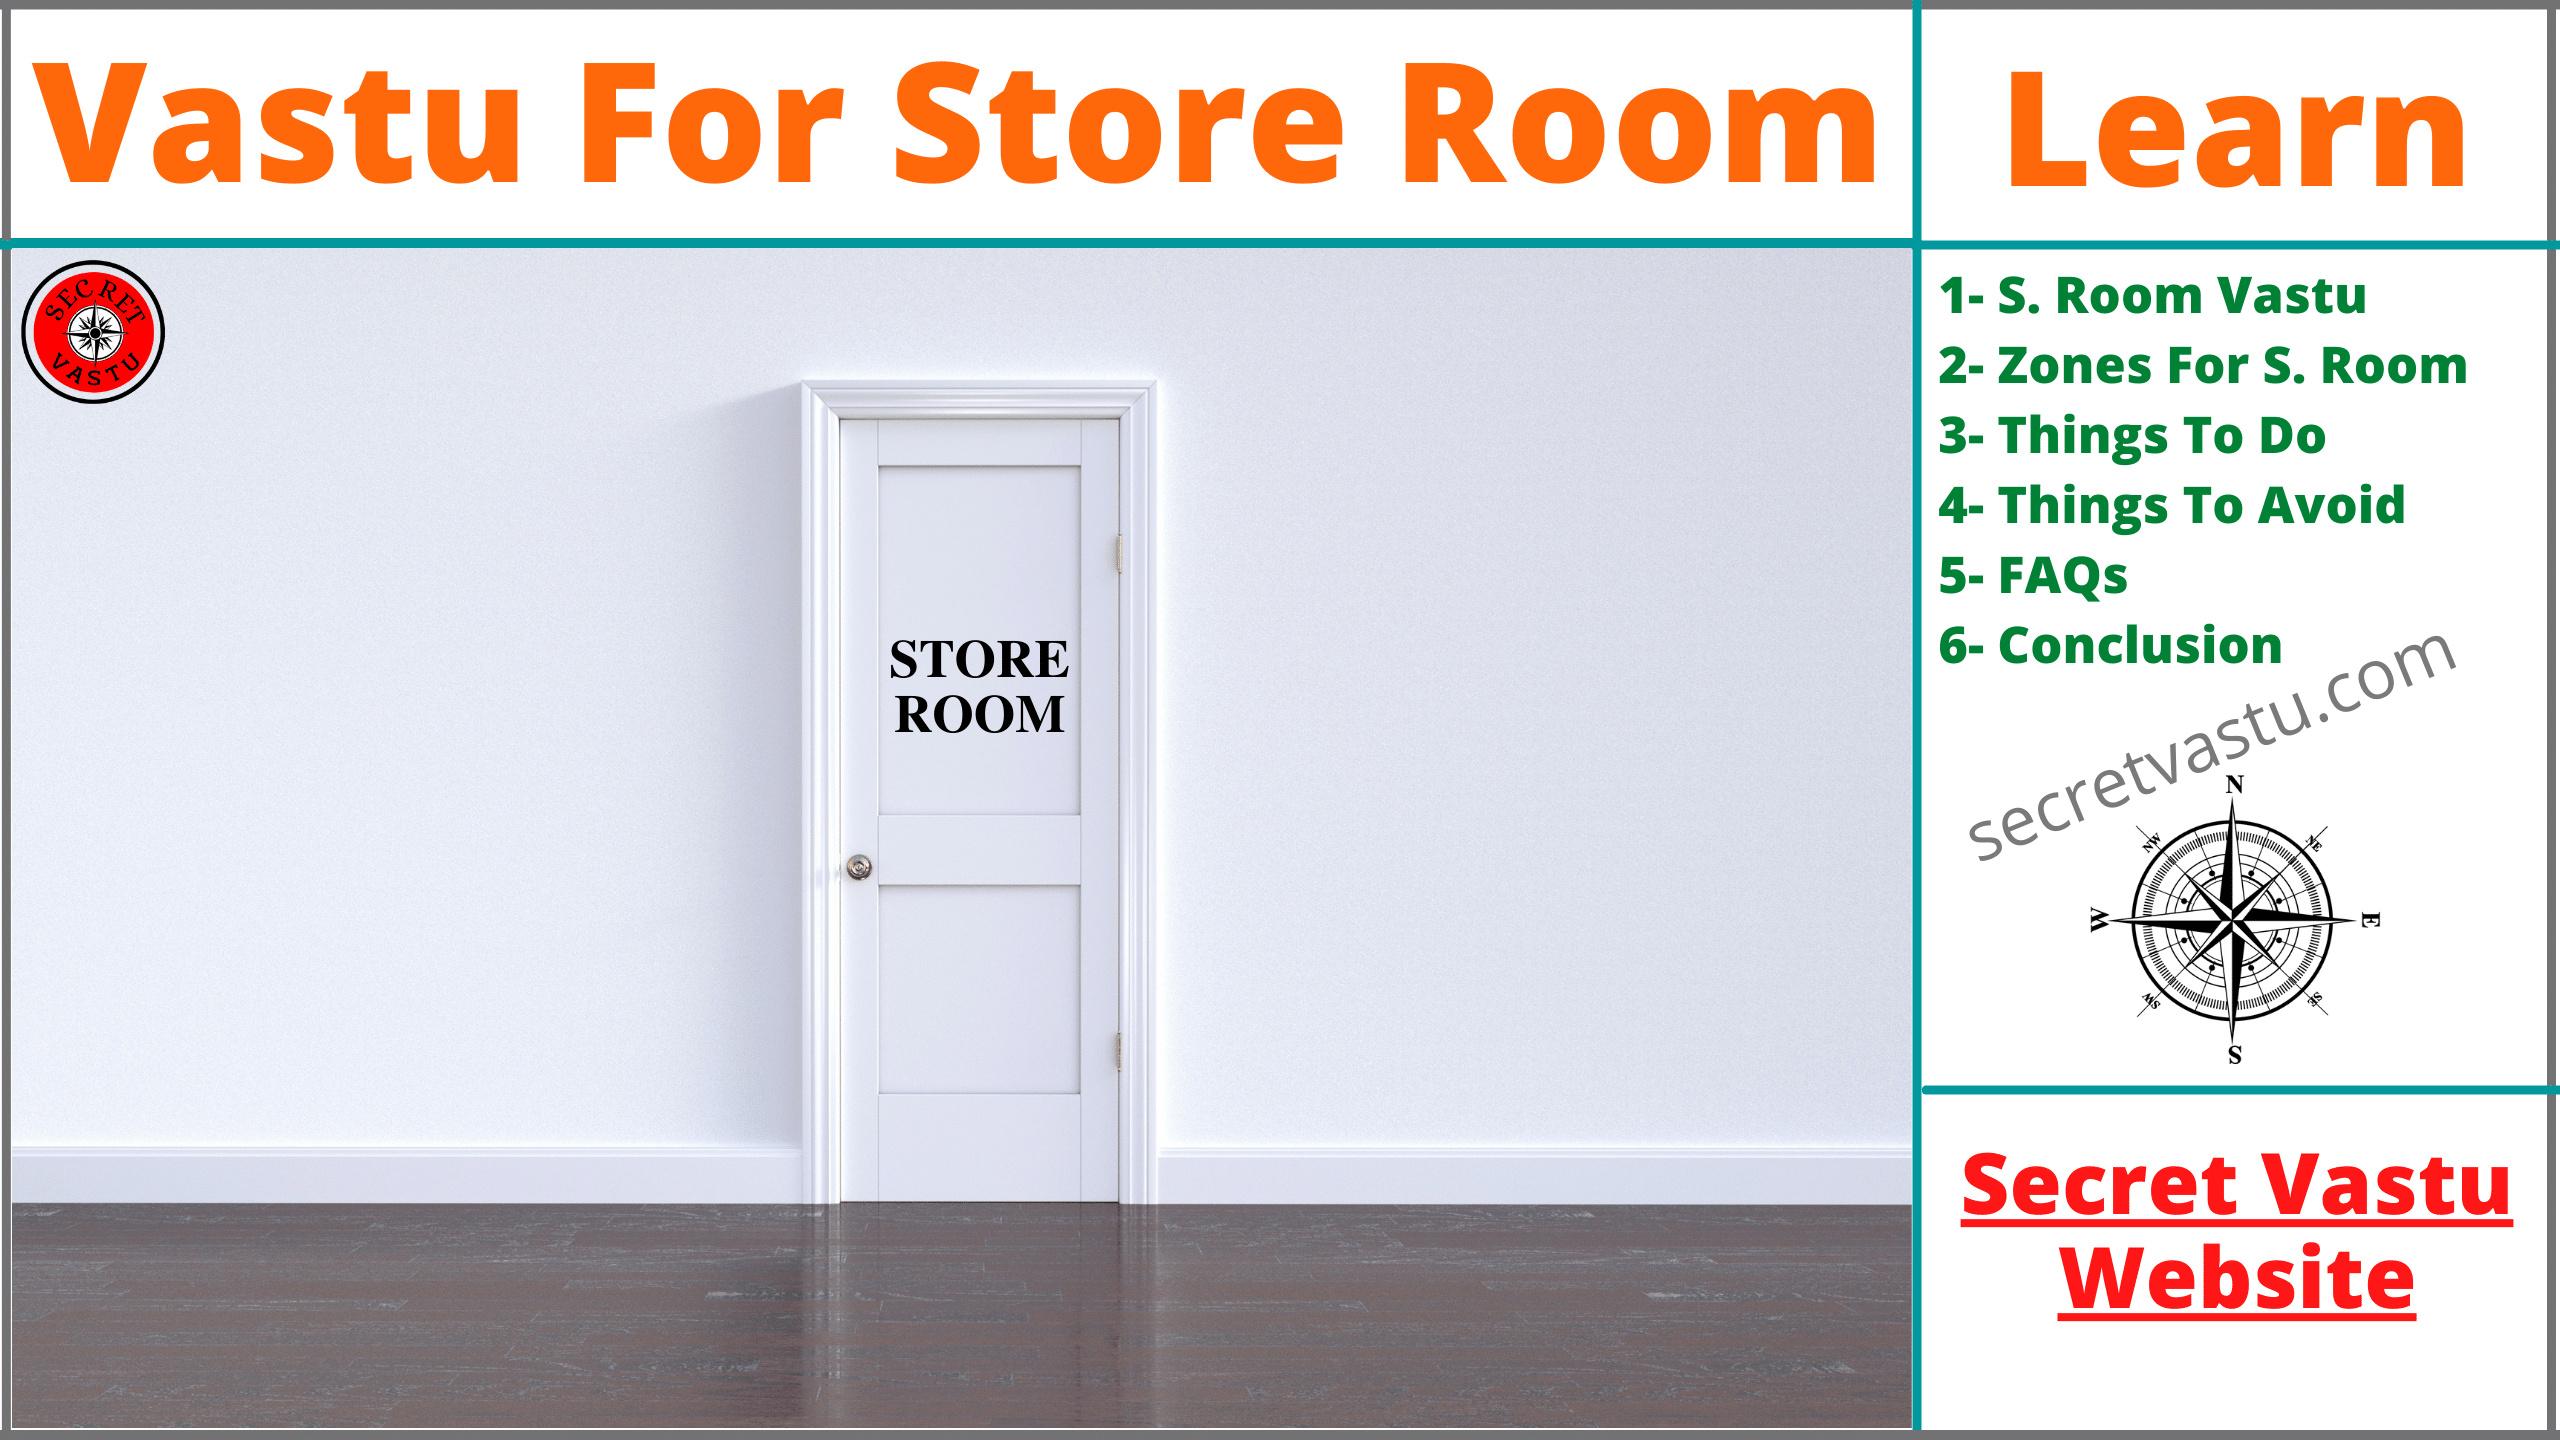 store room vastu